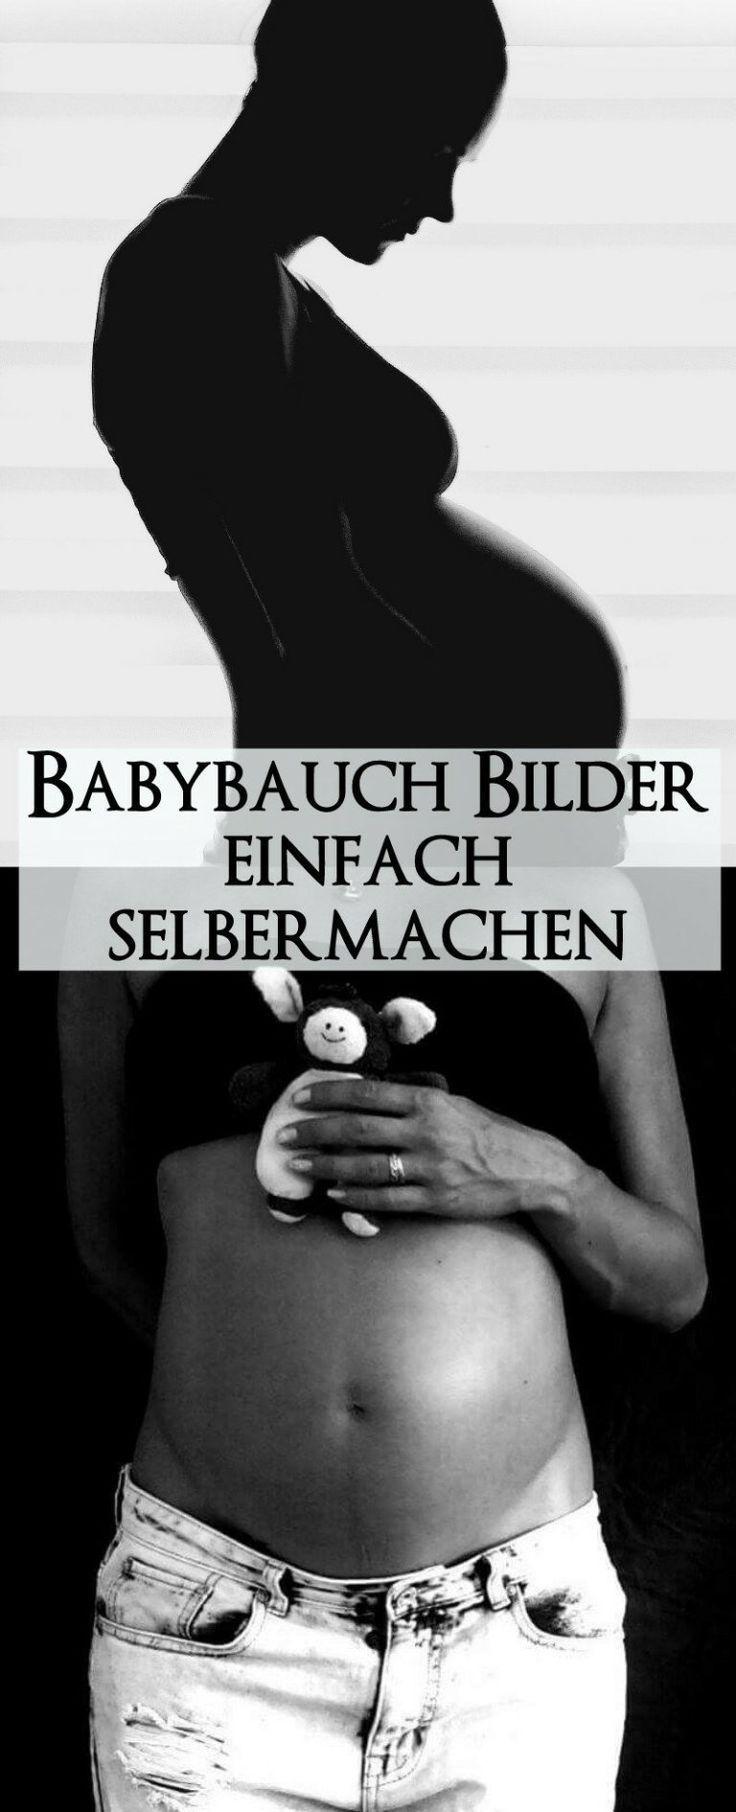 Babybauch Bilder pregnancymonths #pregnancytips #pregnancyphotos #pregnancybelly #babyco #momandbaby #babybumppictures #babybelly #parentingteens